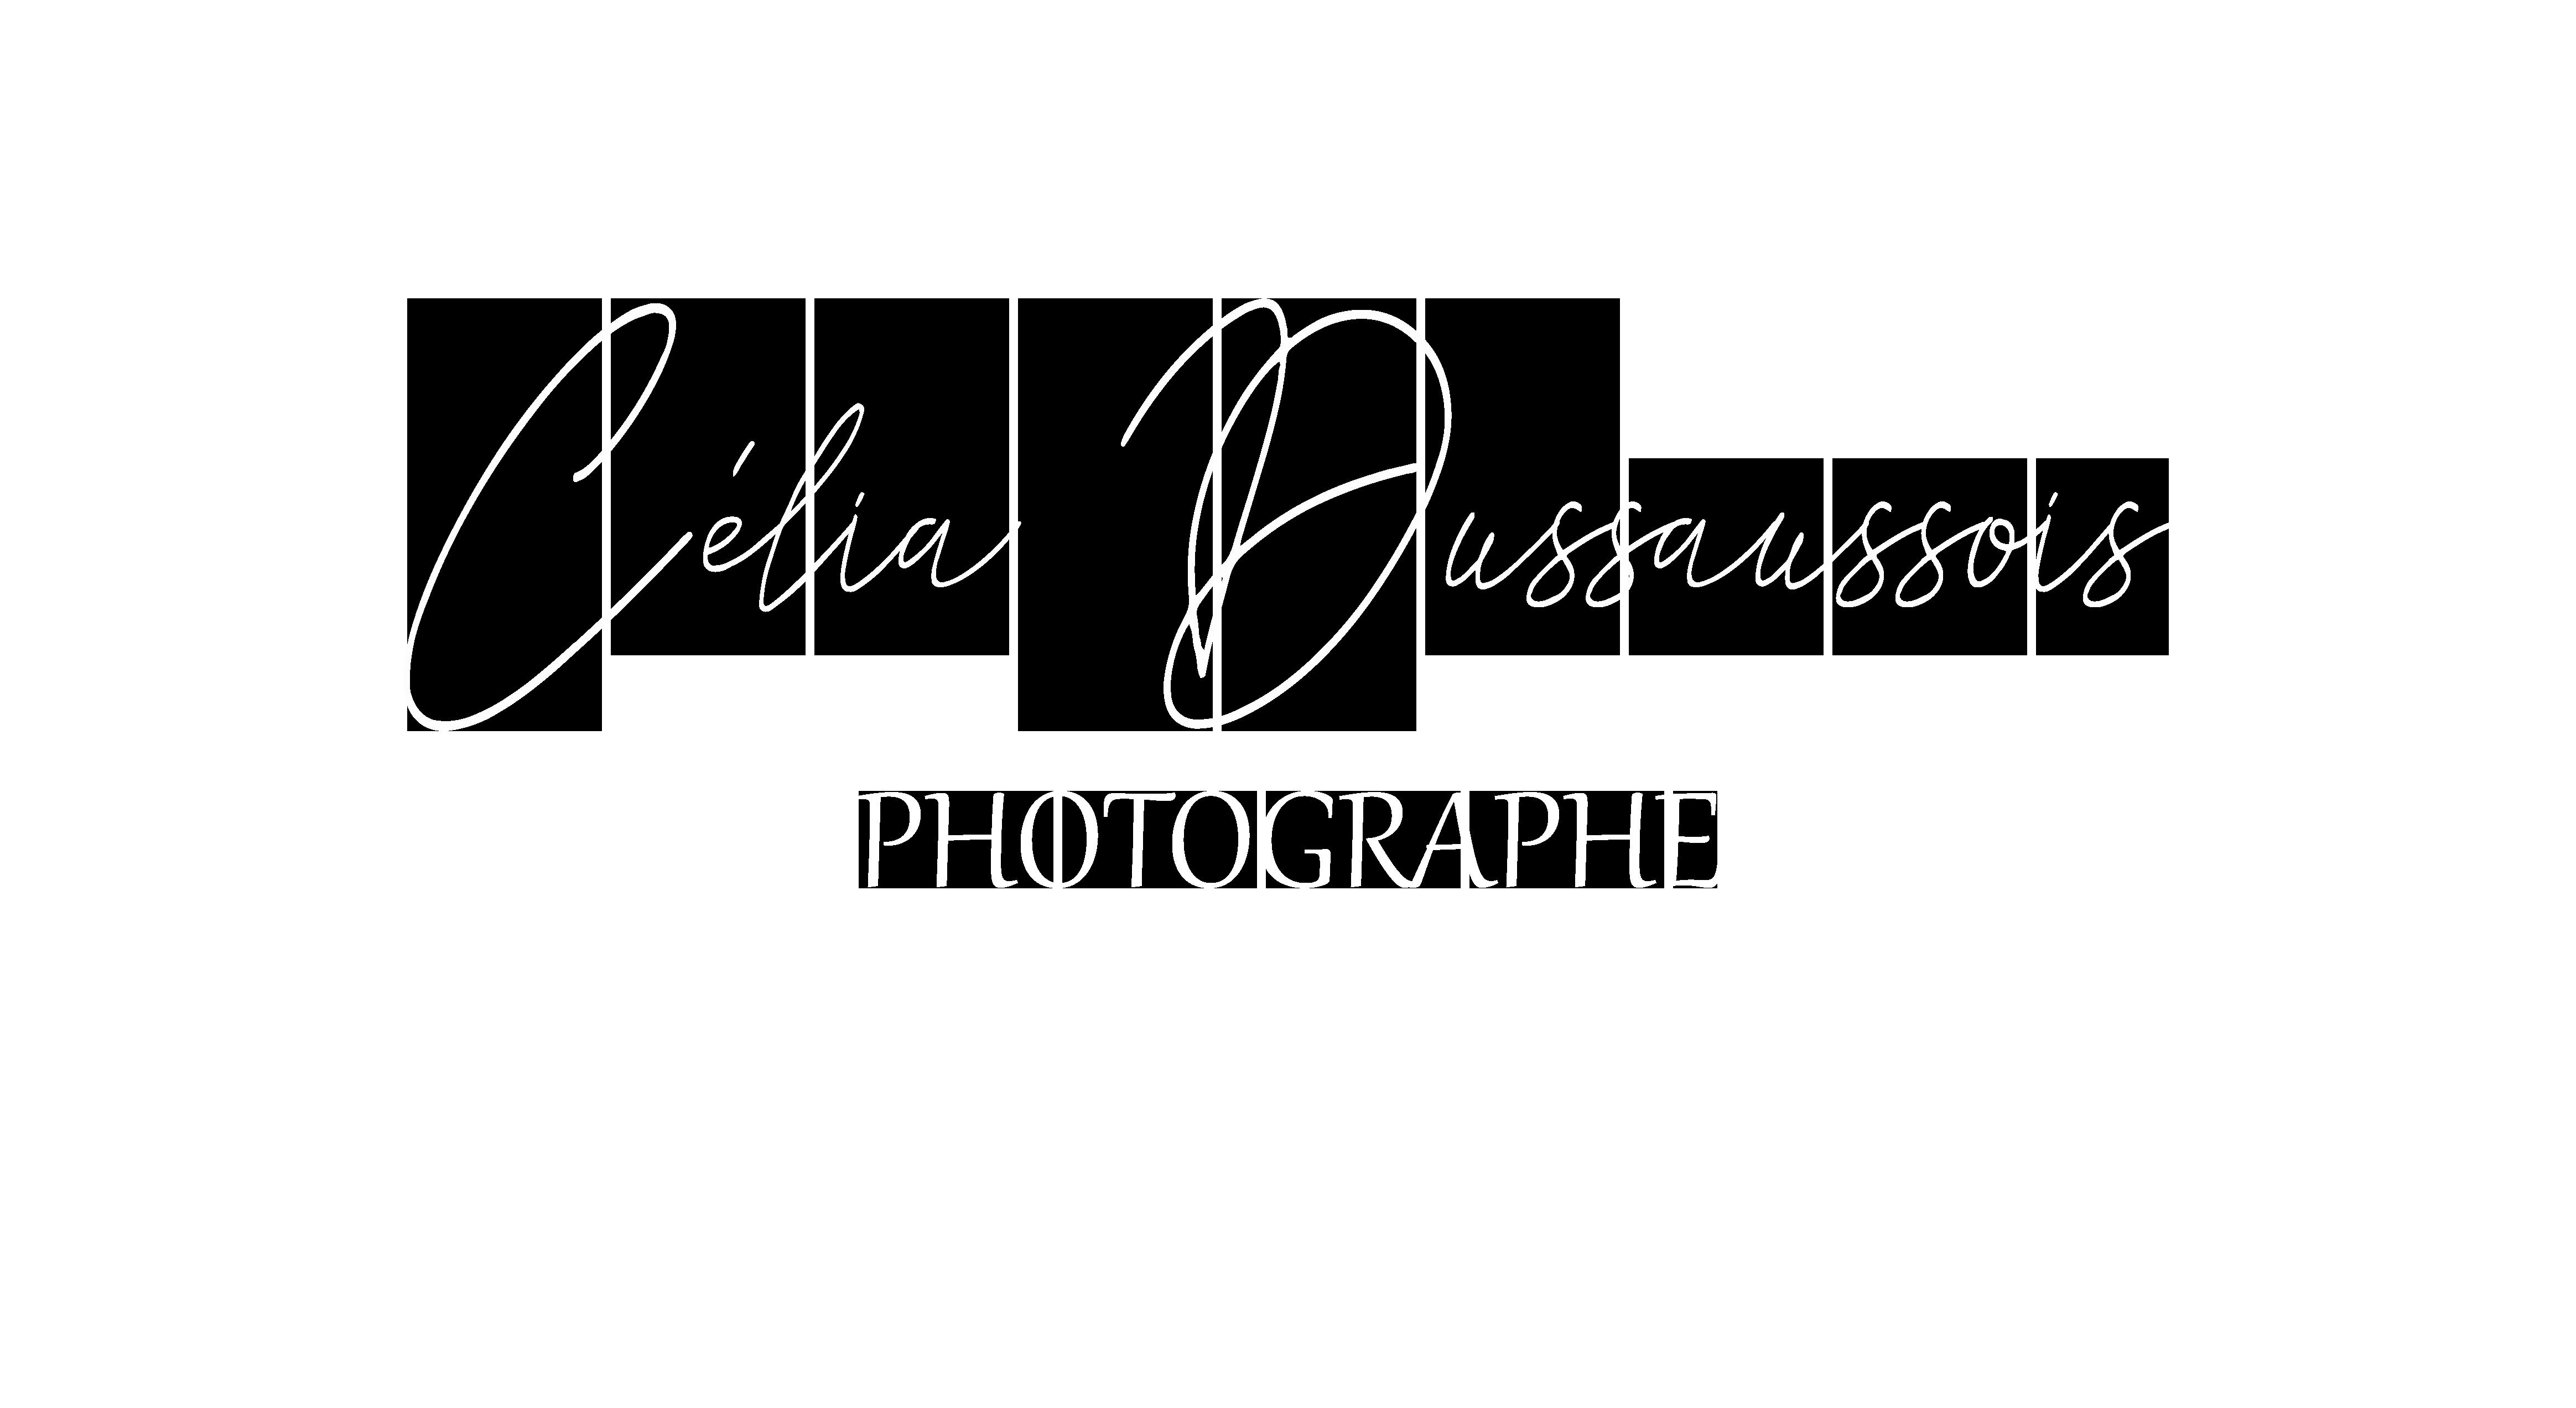 Célia Dussaussois Photographe